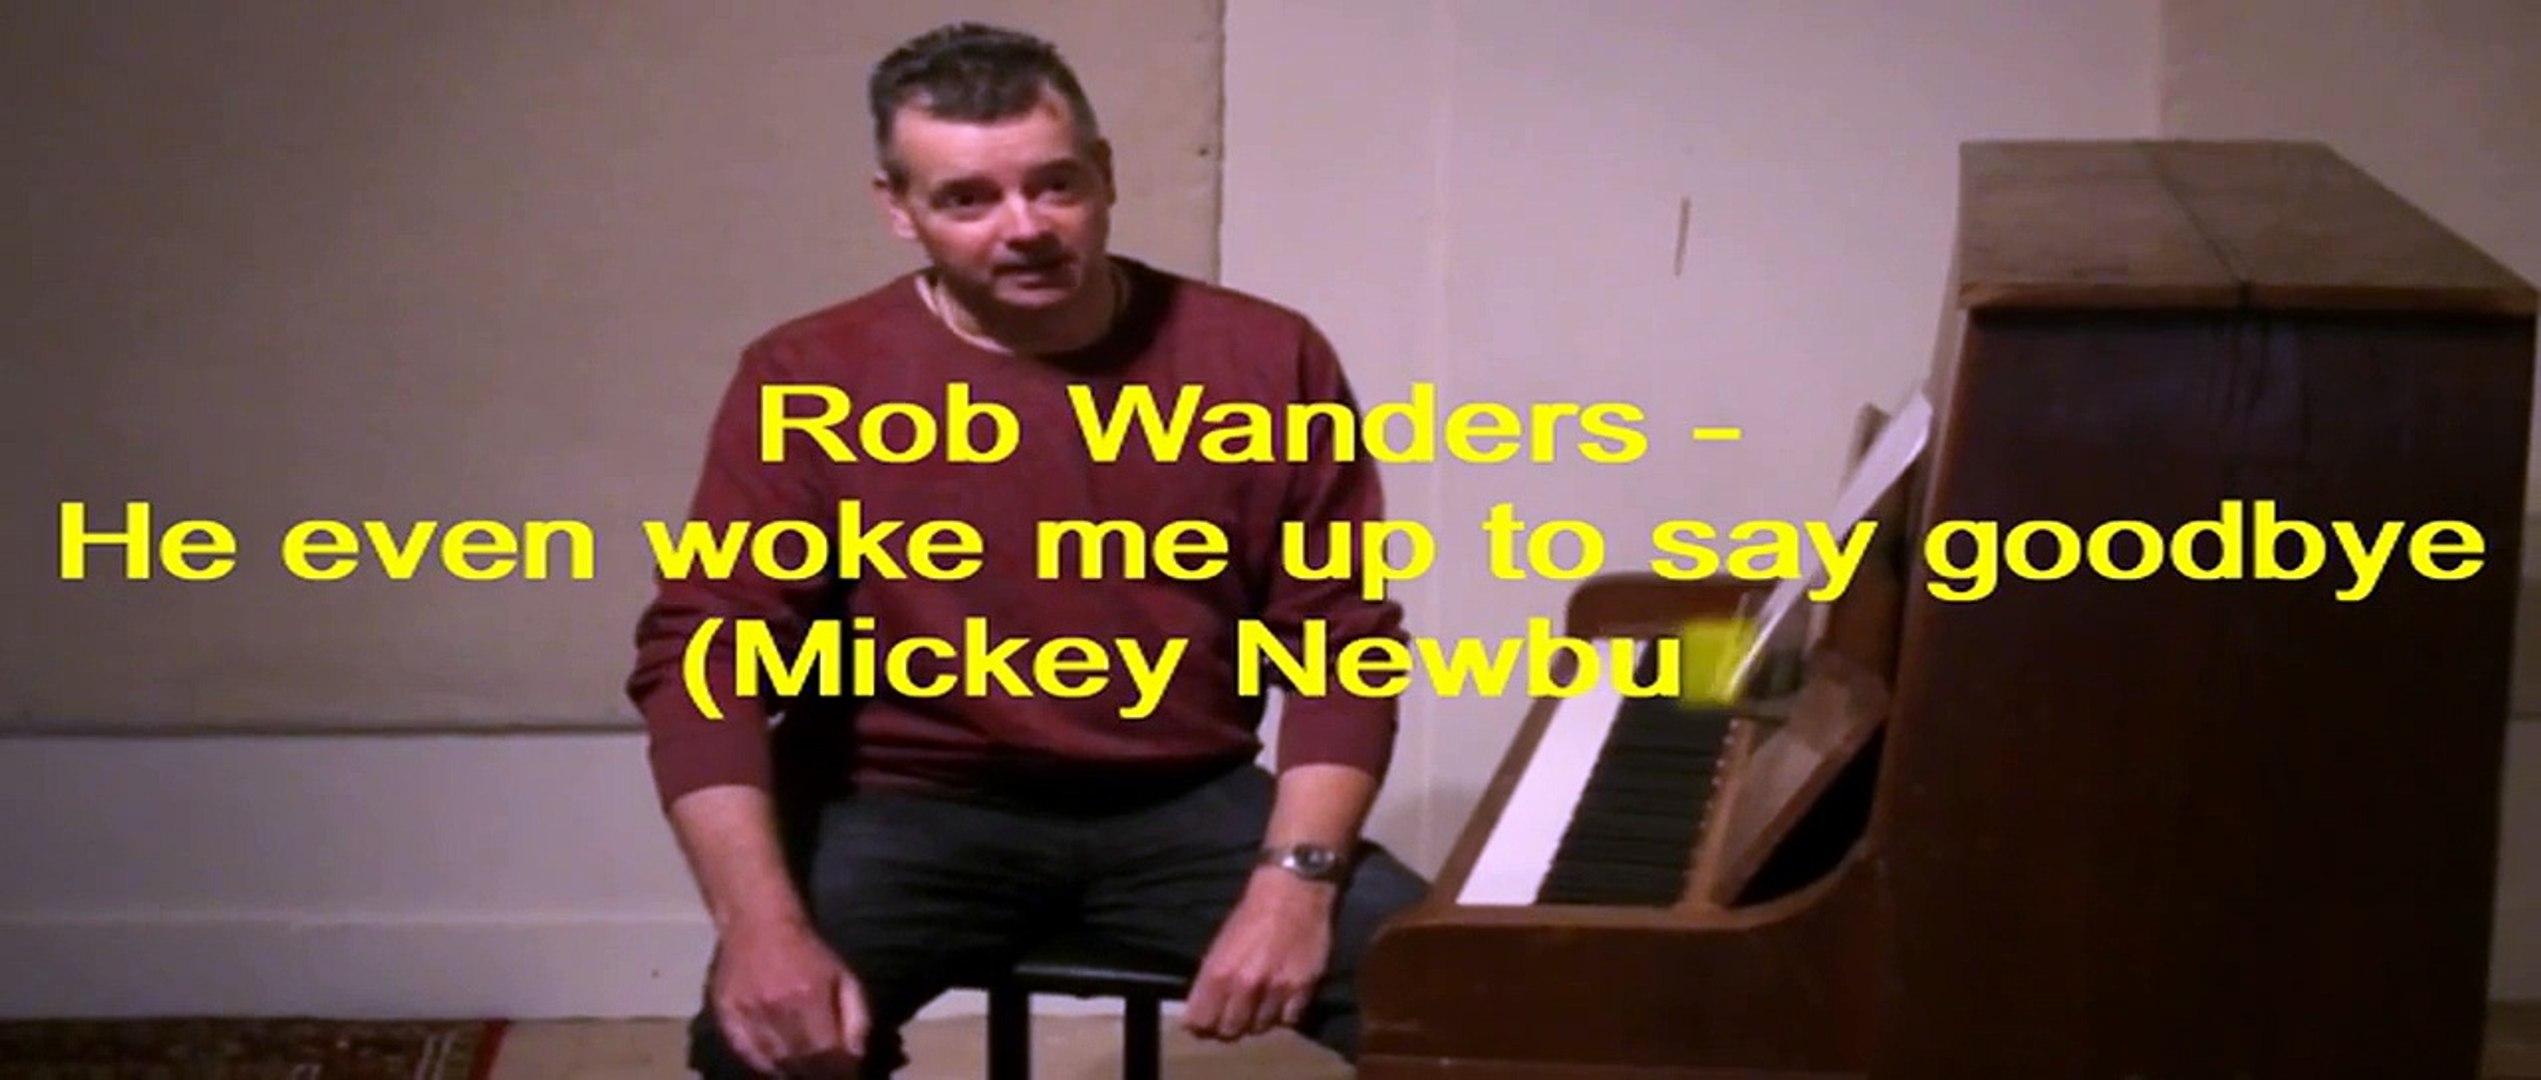 Rob To Me Up He Even Say Wanders Woke Newbury Goodbyemickey QdoxBrWCe